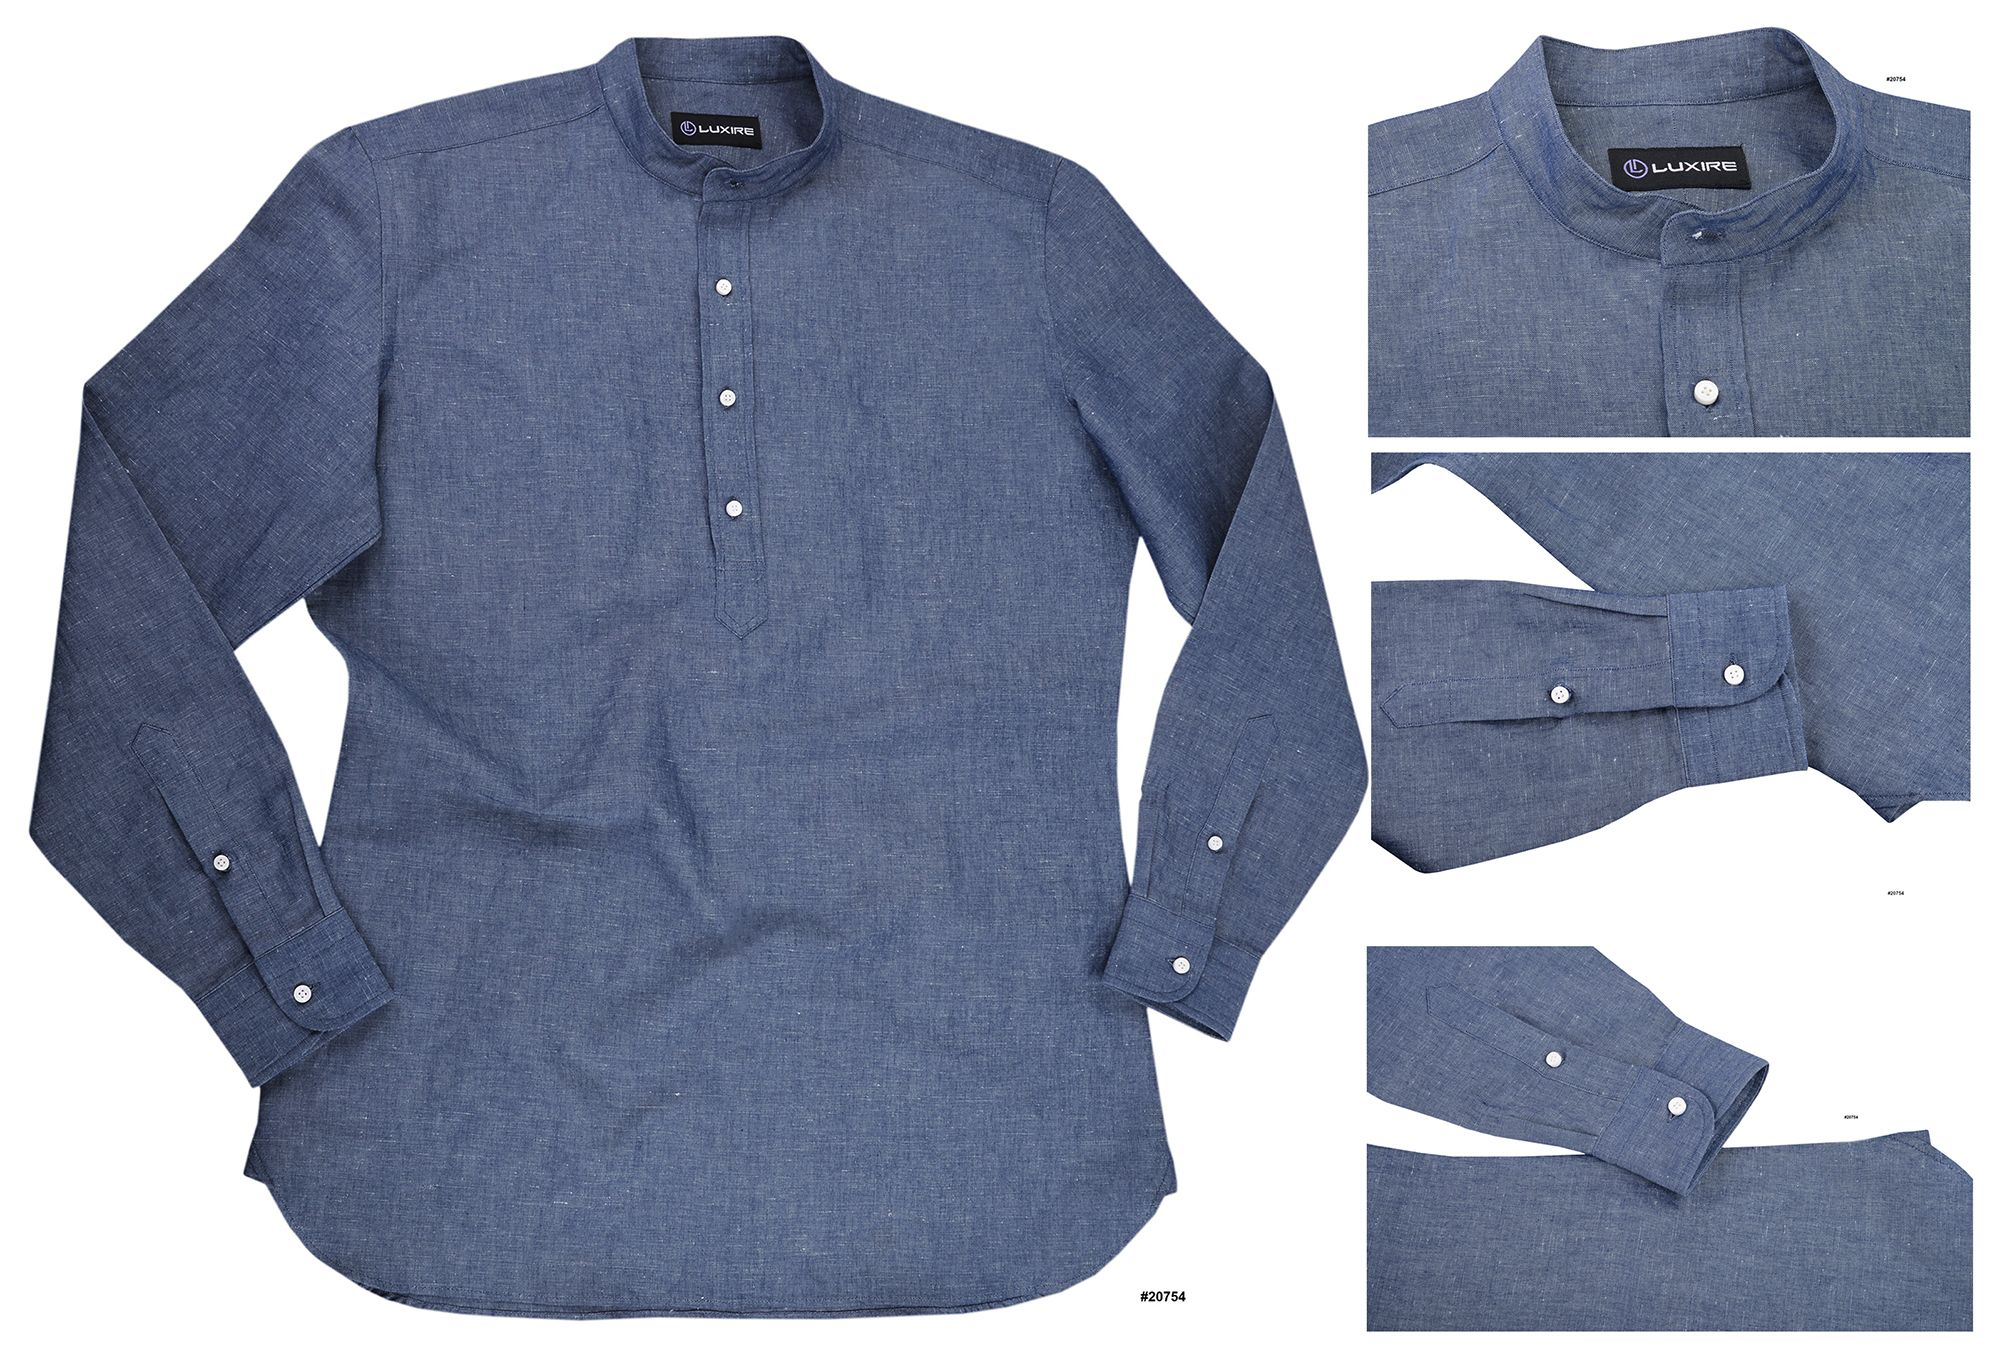 Washed Indigo Linen Chambray Luxire Shirts Shirts Chambray